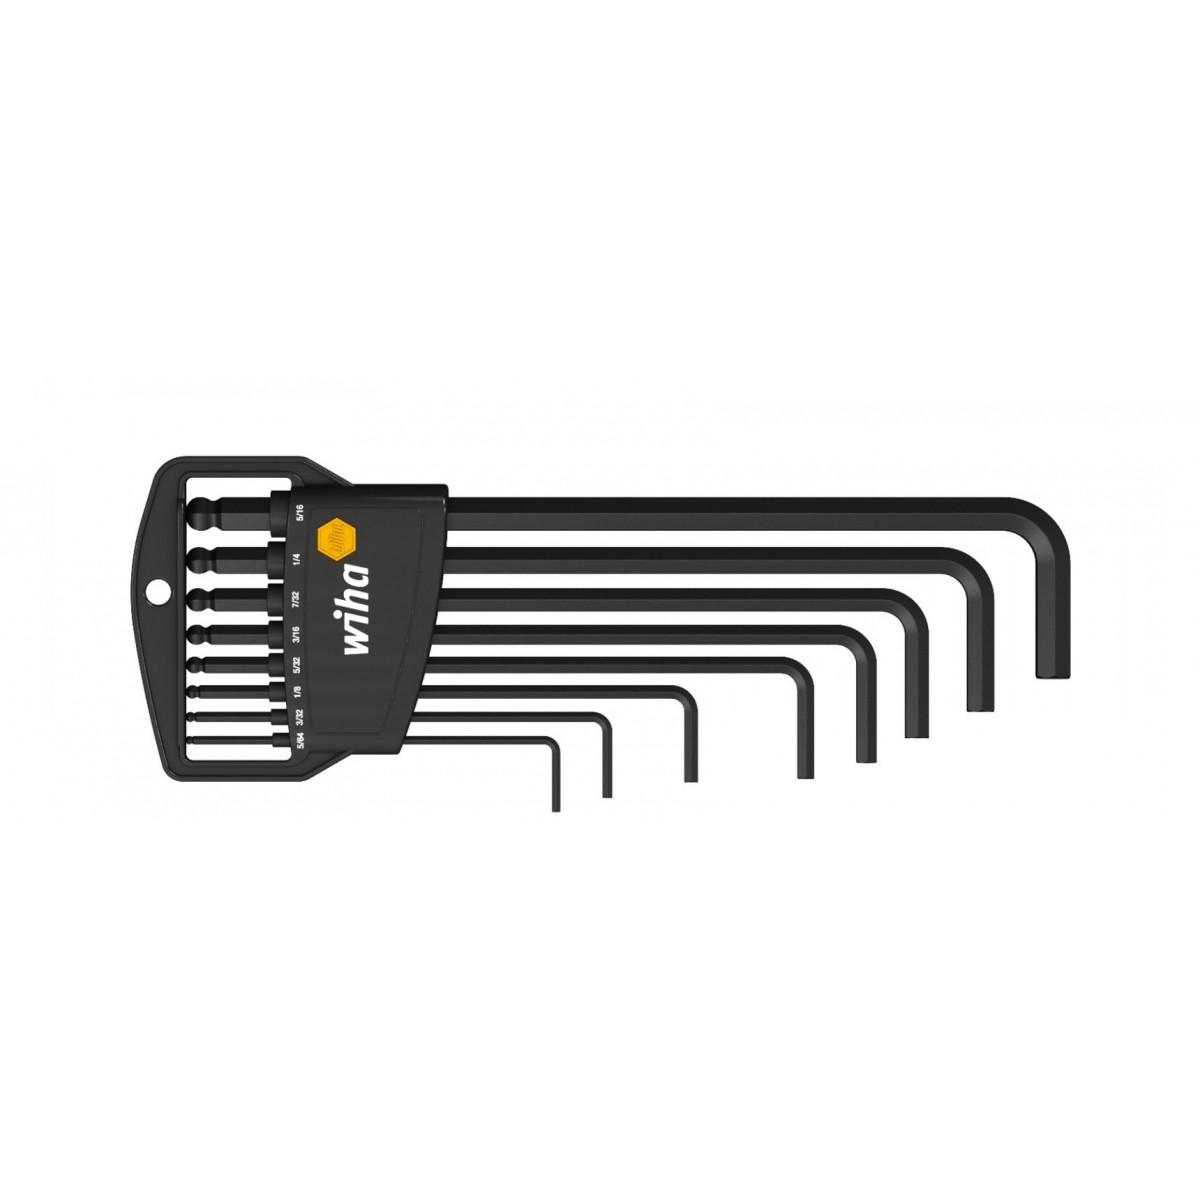 Zestaw kluczy trzpieniowych w uchwycie Classic Wiha - 02939 Zestaw kluczy trzpieniowych w uchwycie Classic Wiha - 02939